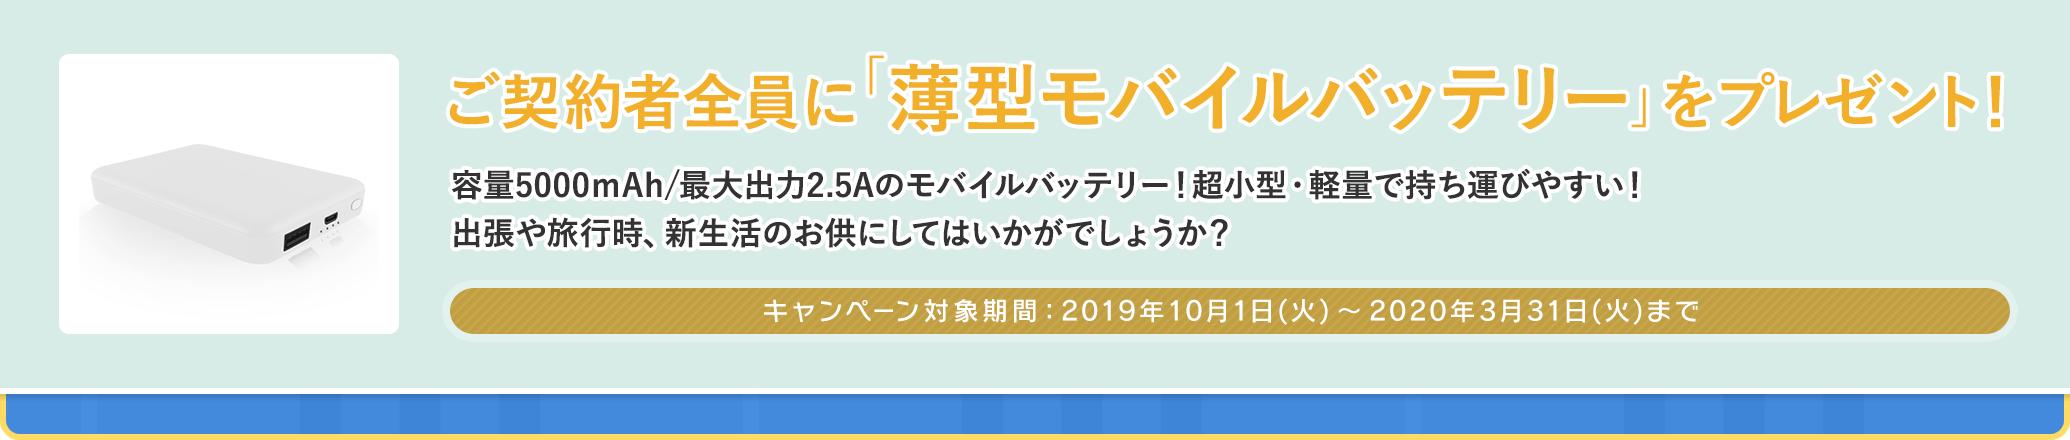 ご契約者全員に「薄型モバイルバッテリー」をプレゼント! キャンペーン対象期間 2019年10月1日(火)〜2020年3月31日(火)まで